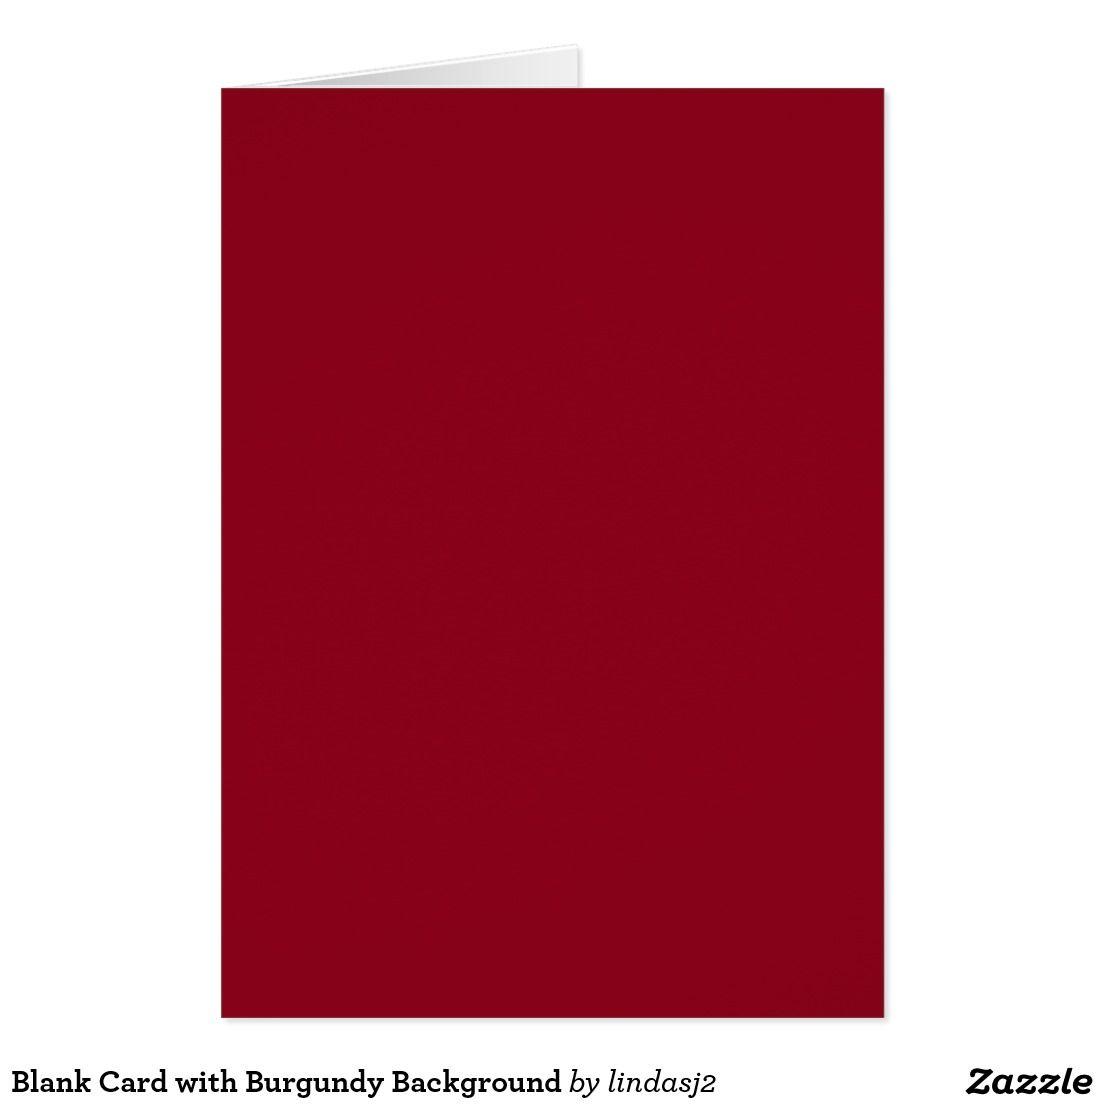 Blank Card with Burgundy Background Zazzlecom Blank cards 1104x1104